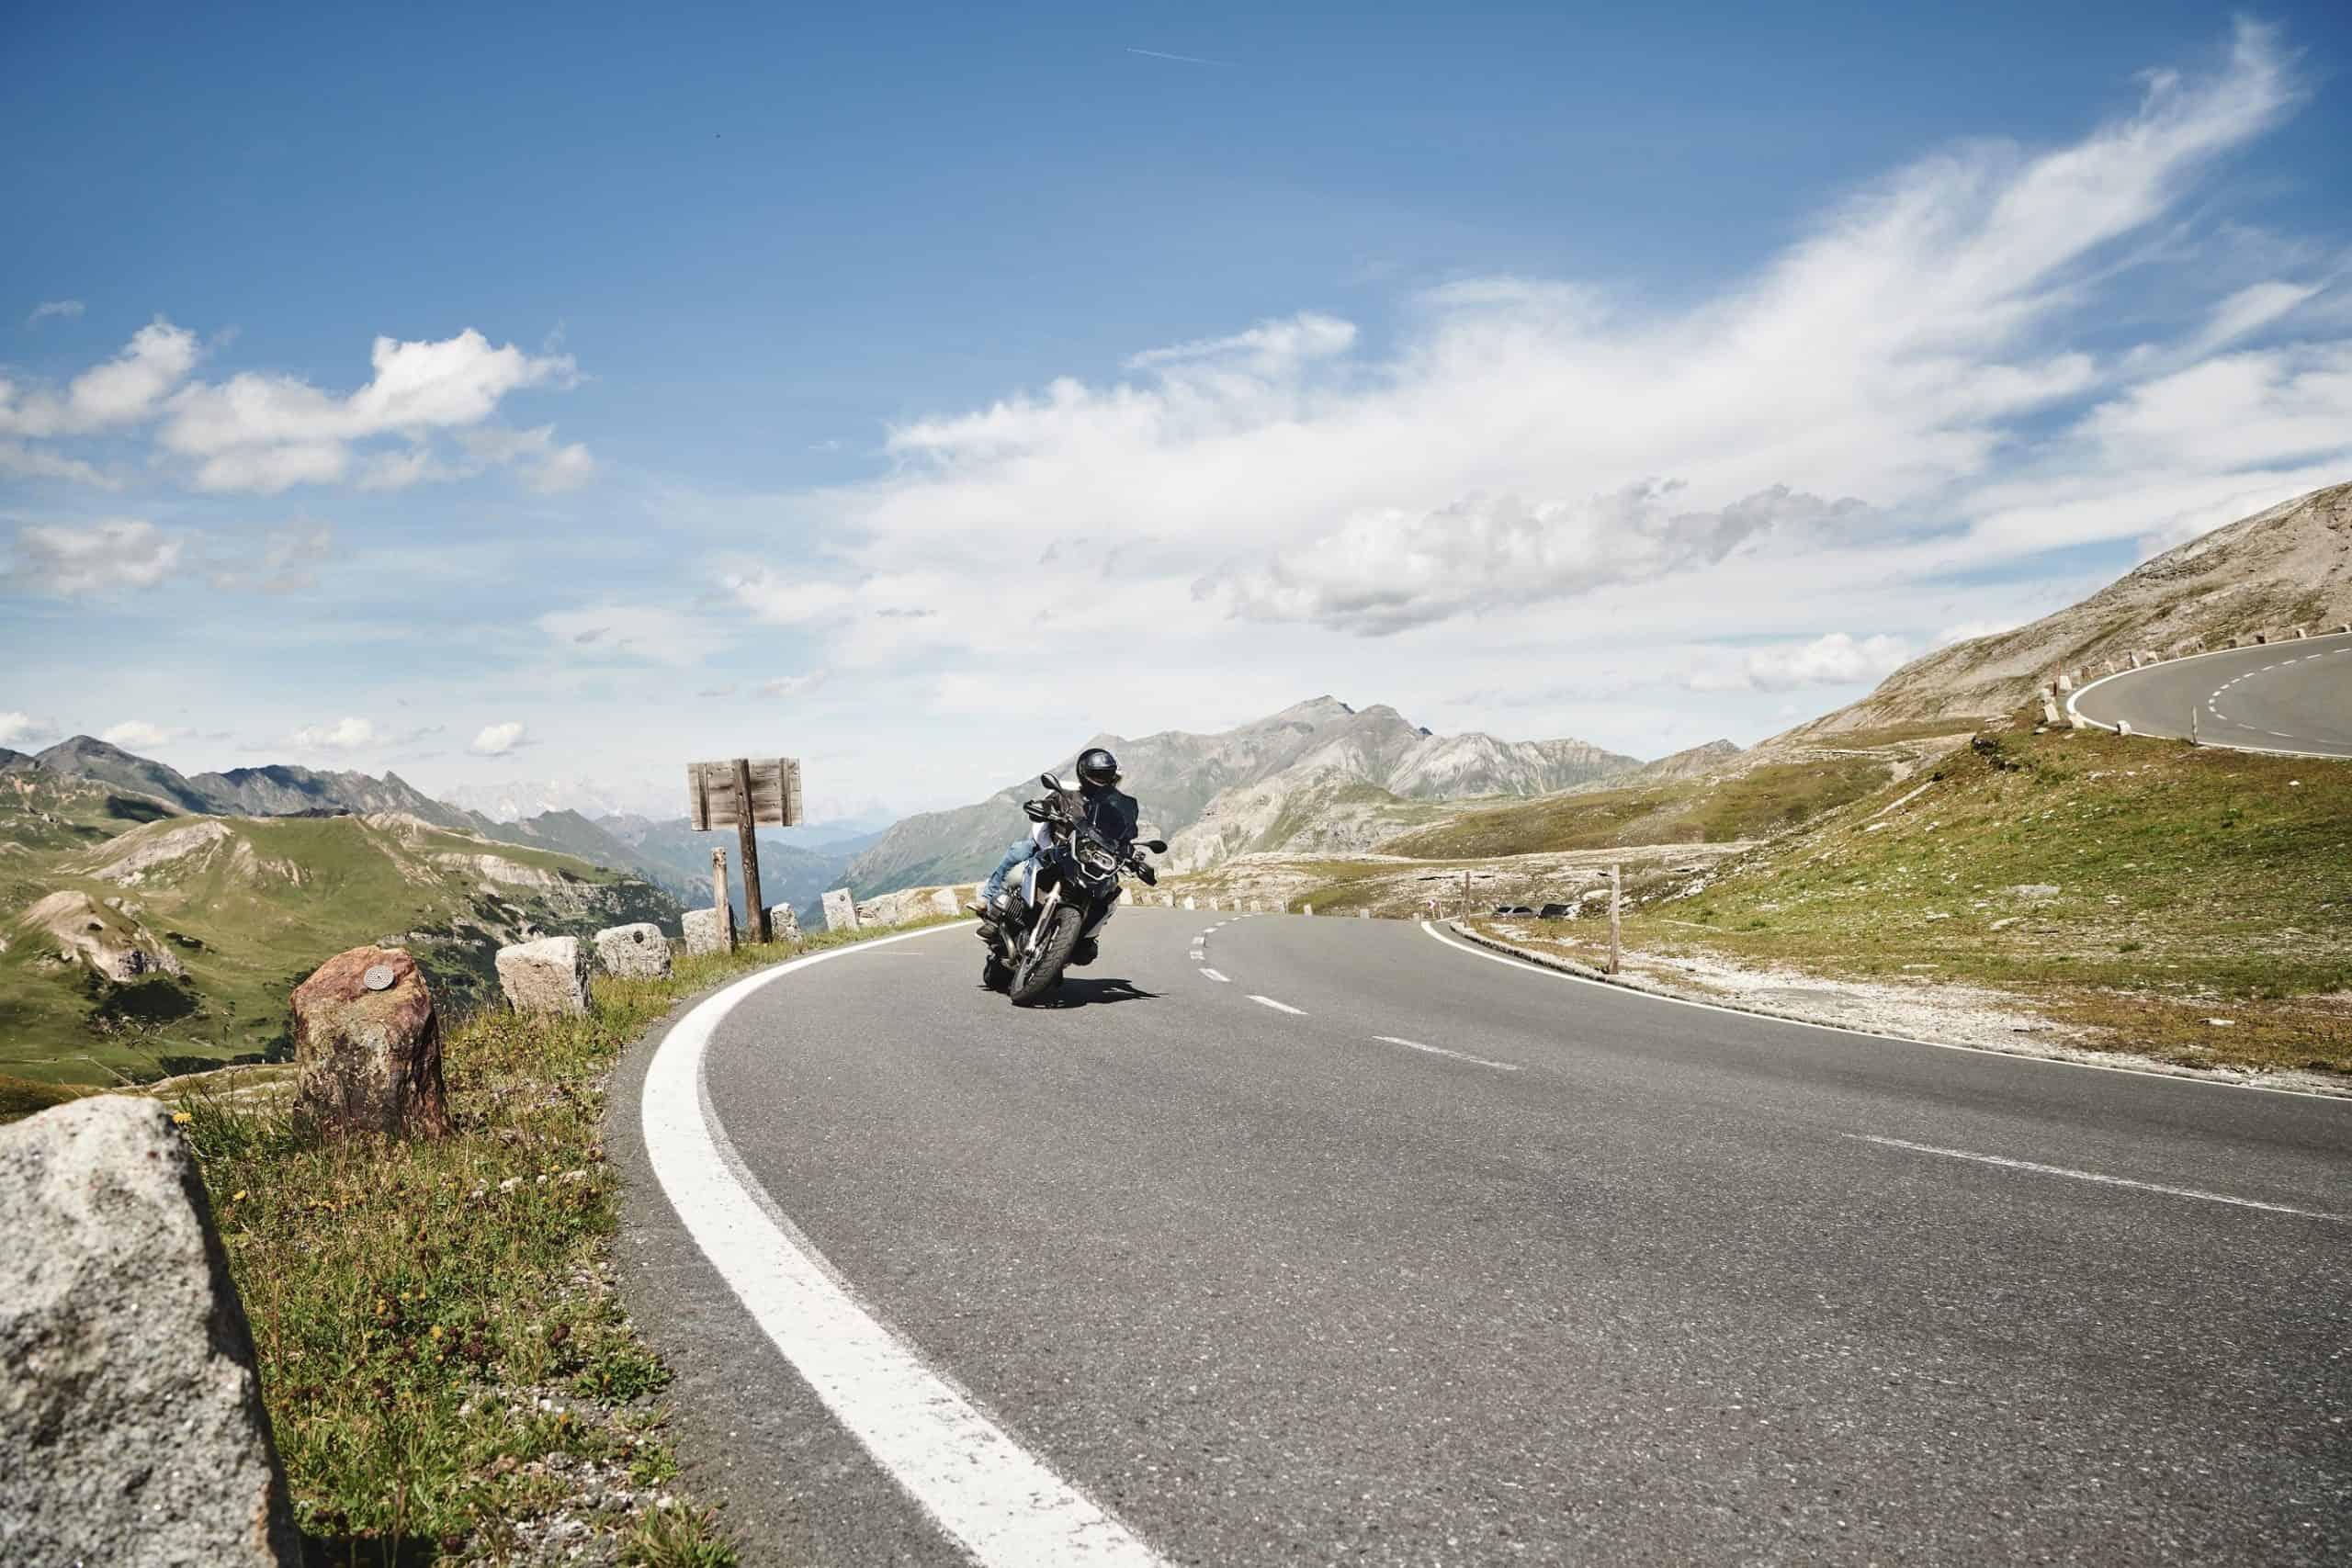 Motorradfahrer auf Panoramastraße Großglockner Hochalpenstraße in Österreich